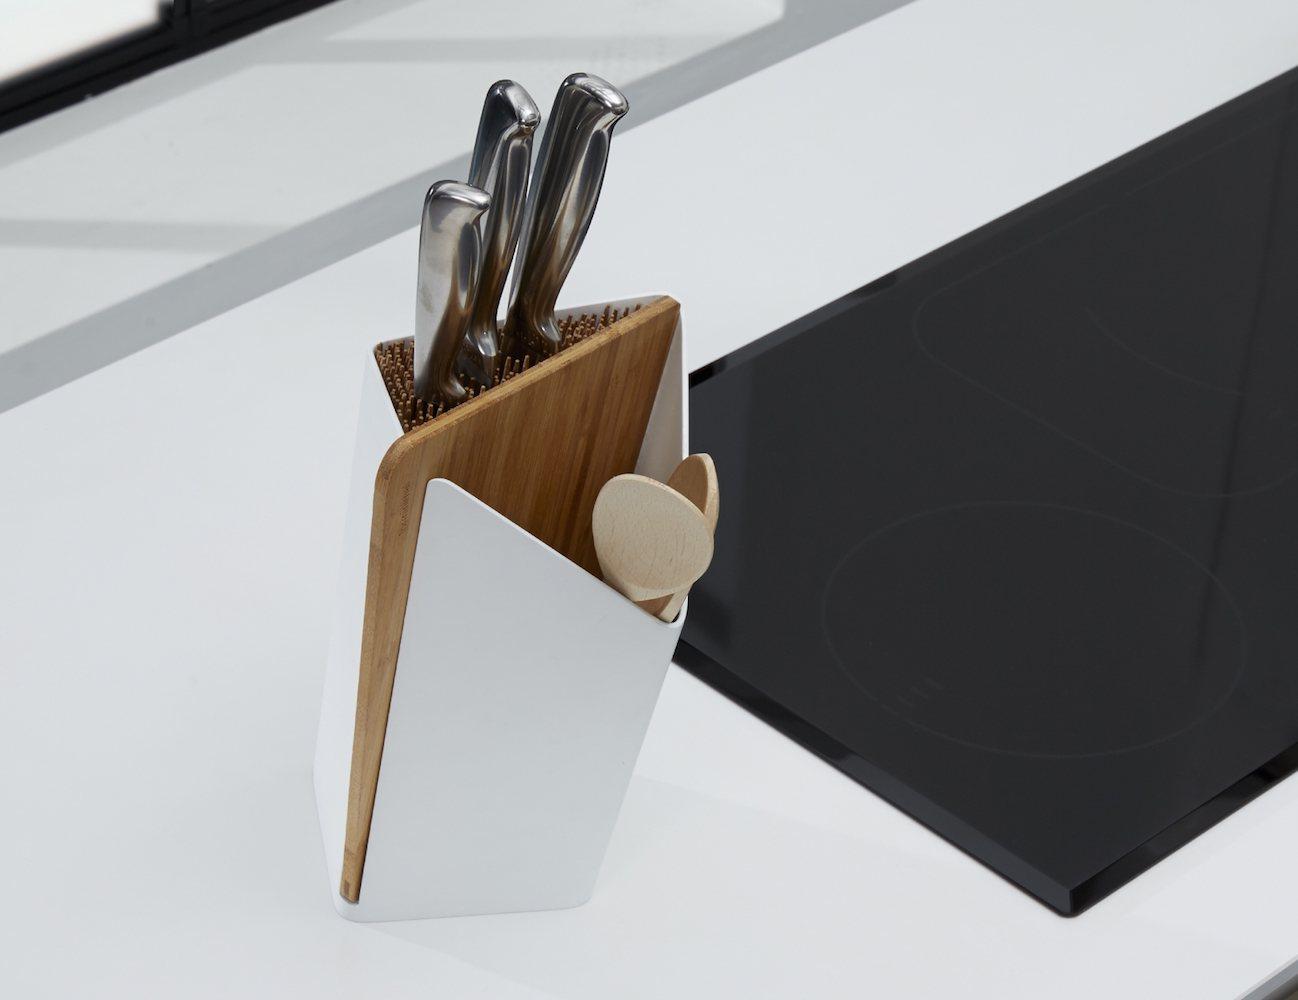 forminimal-utensil-holder-board-01